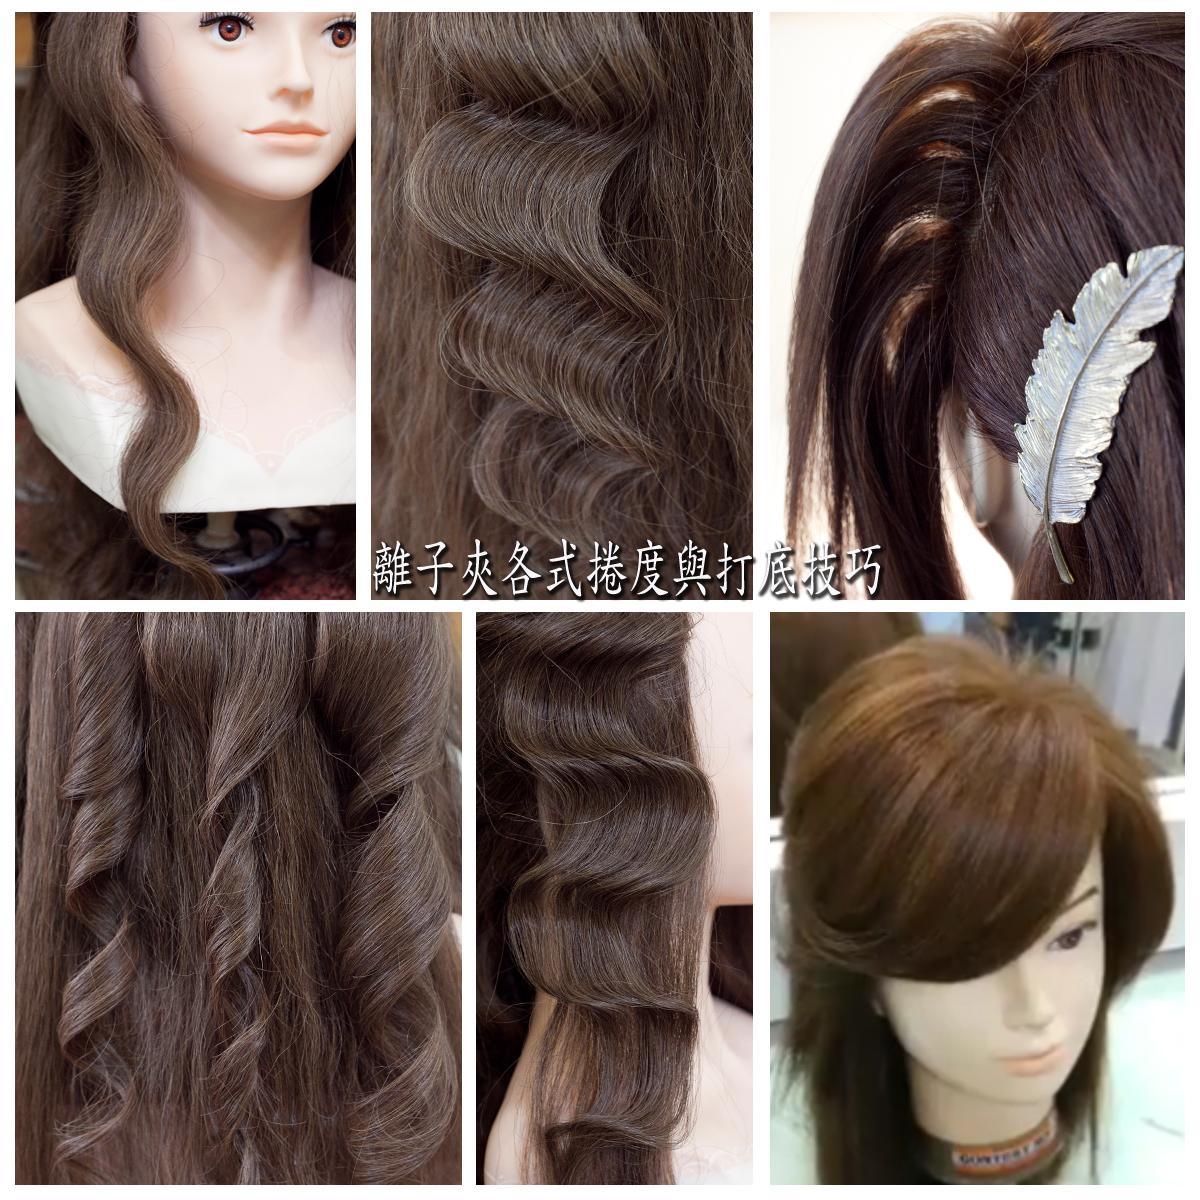 離子夾教學必學的各種捲髮技巧